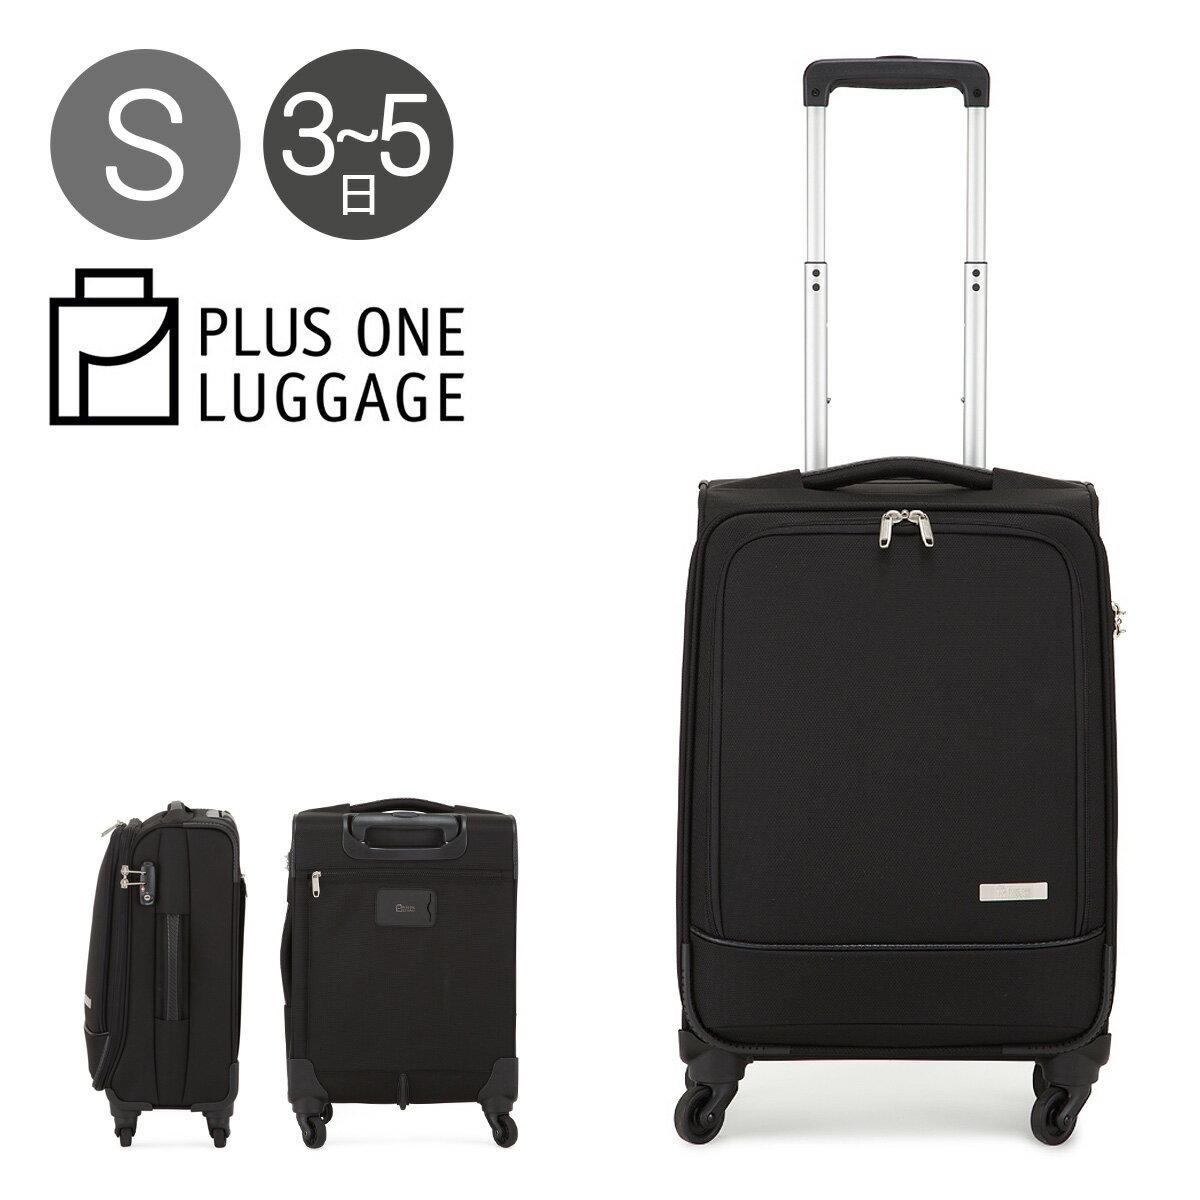 プラスワン スーツケース 3015-51 【 キャリーケース キャリーバッグ ビジネスキャリー 出張 】